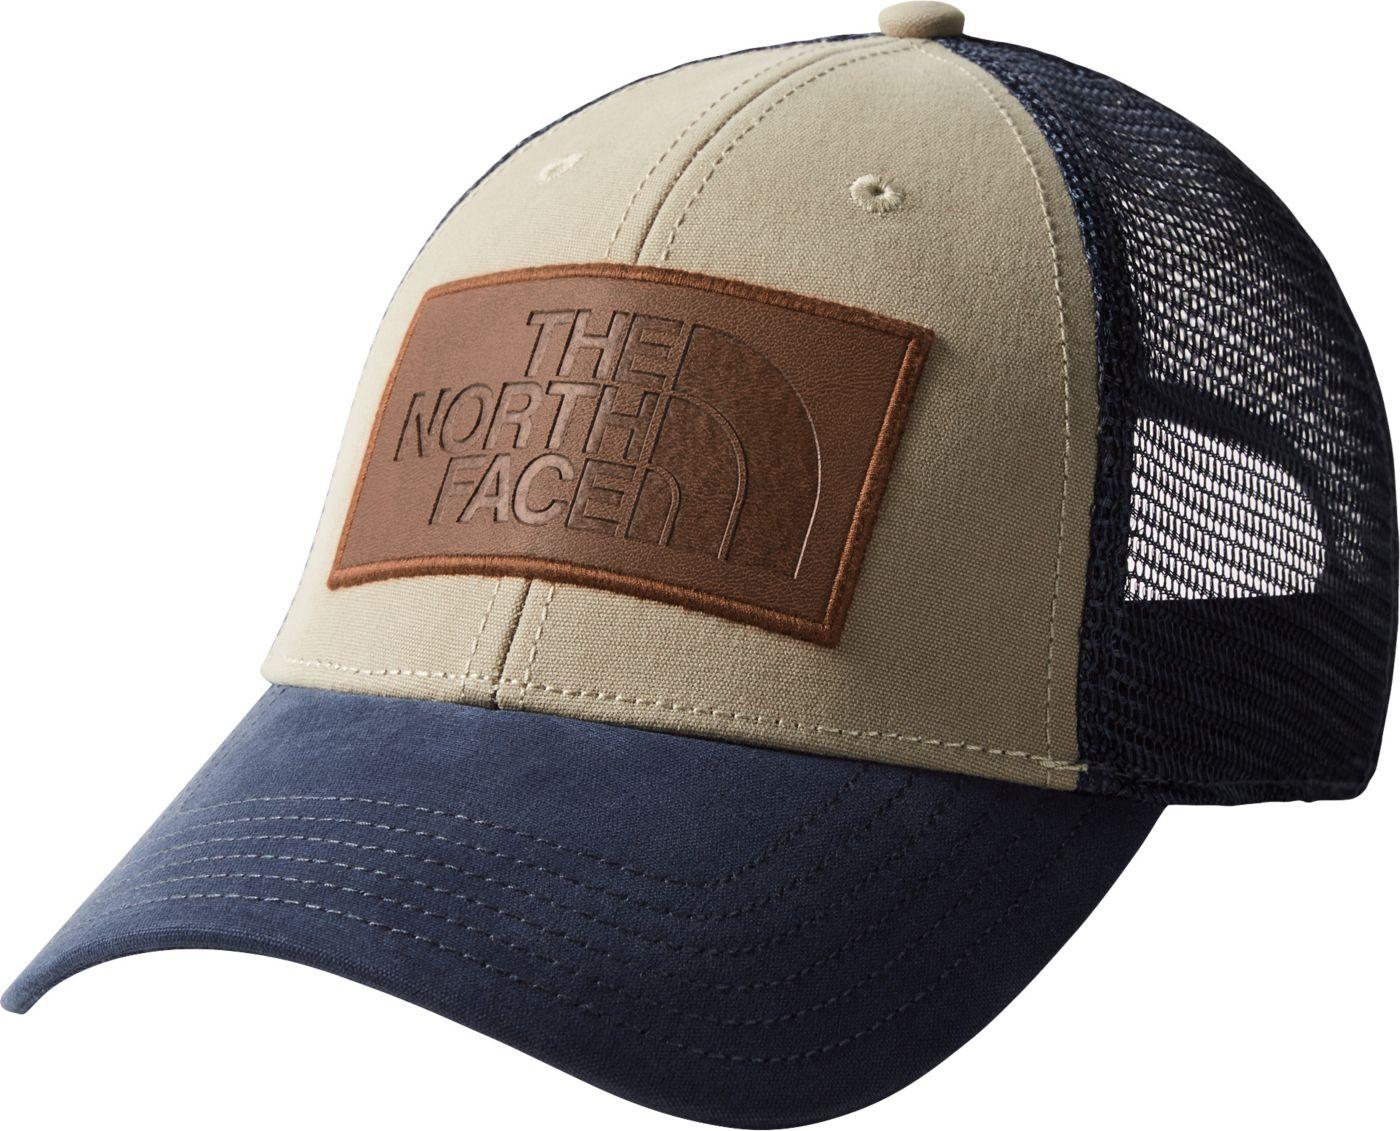 North Face Men's Mudder Deuce Trucker Hat